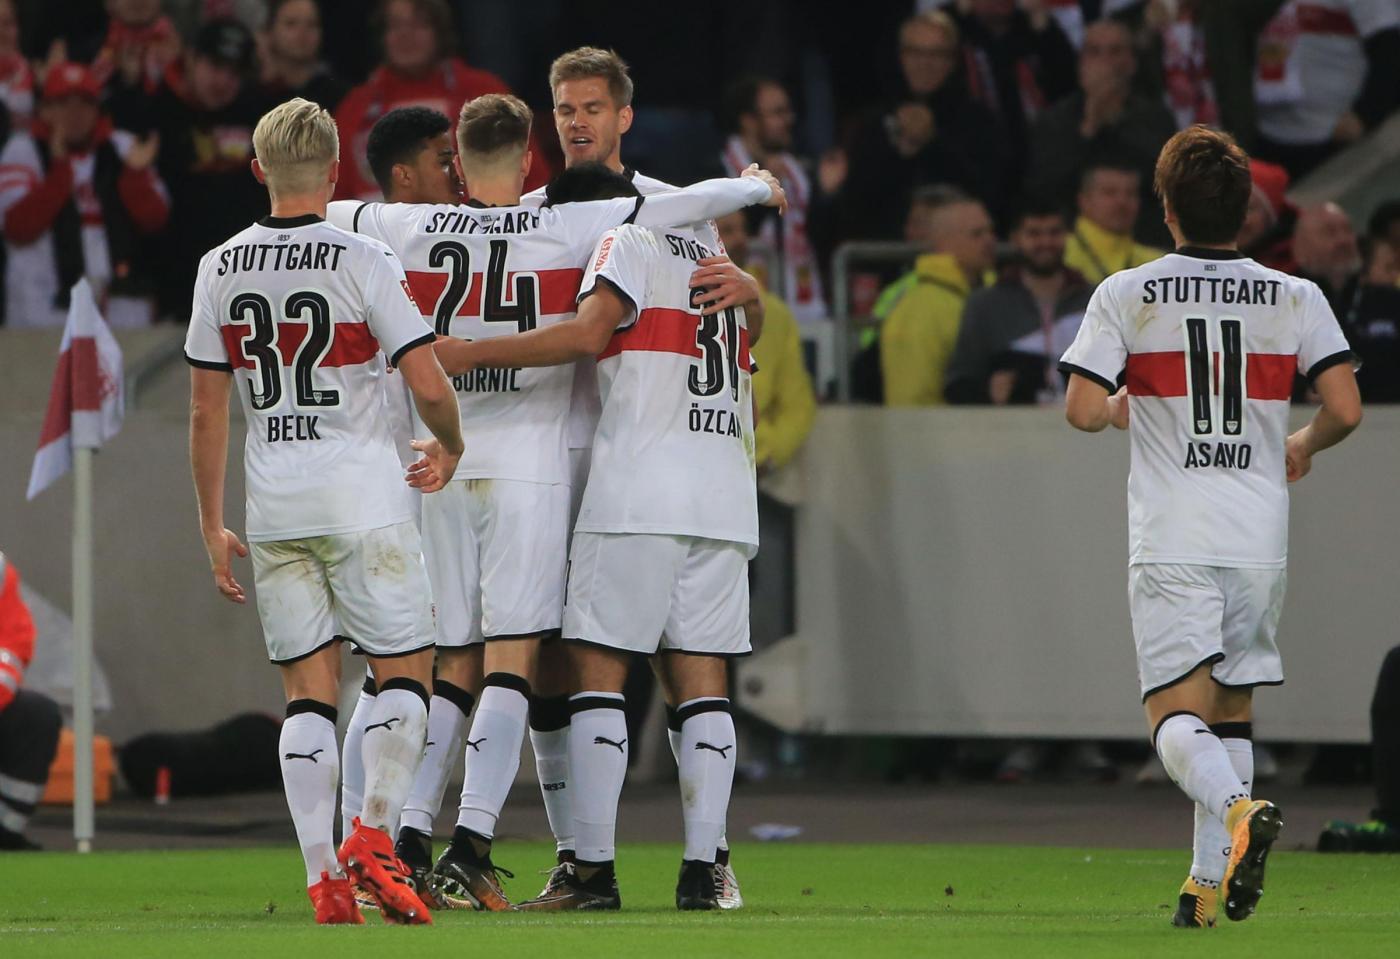 Bundesliga, Stoccarda-Leverkusen 13 aprile: analisi e pronostico della giornata della massima divisione calcistica tedesca